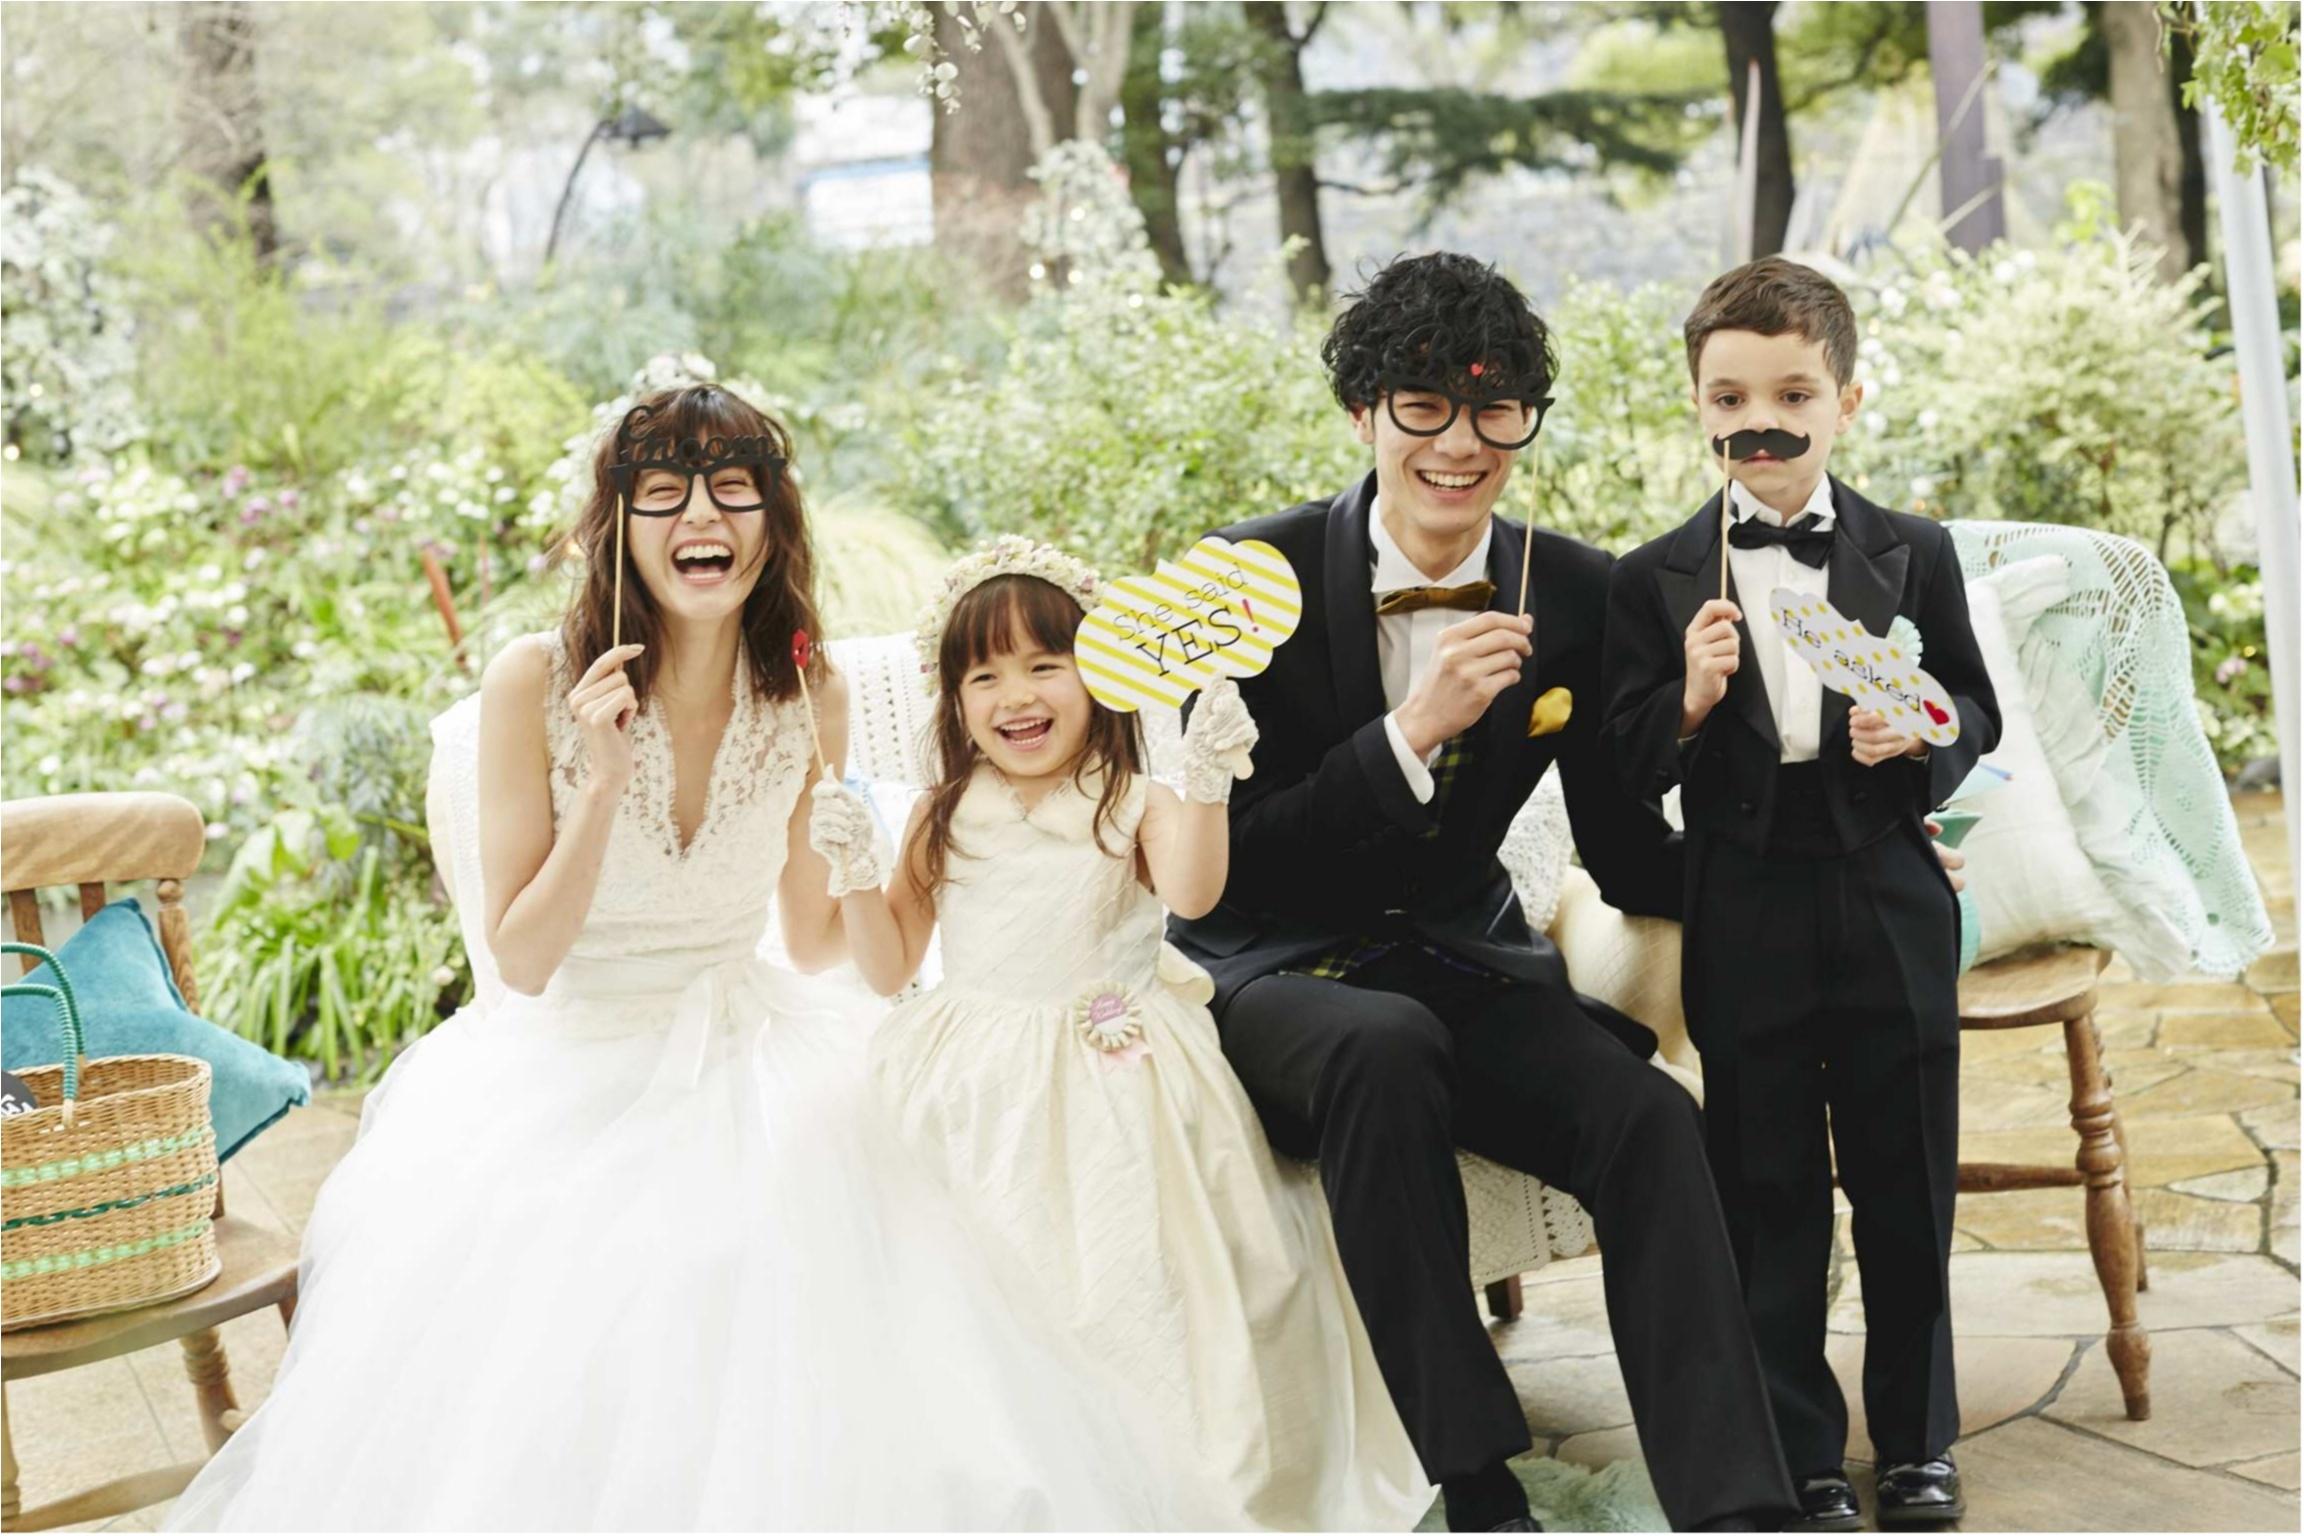 佐藤ありさ&内田理央のウェディングテーマが大人気♡ 今週のランキングトップ3!_3